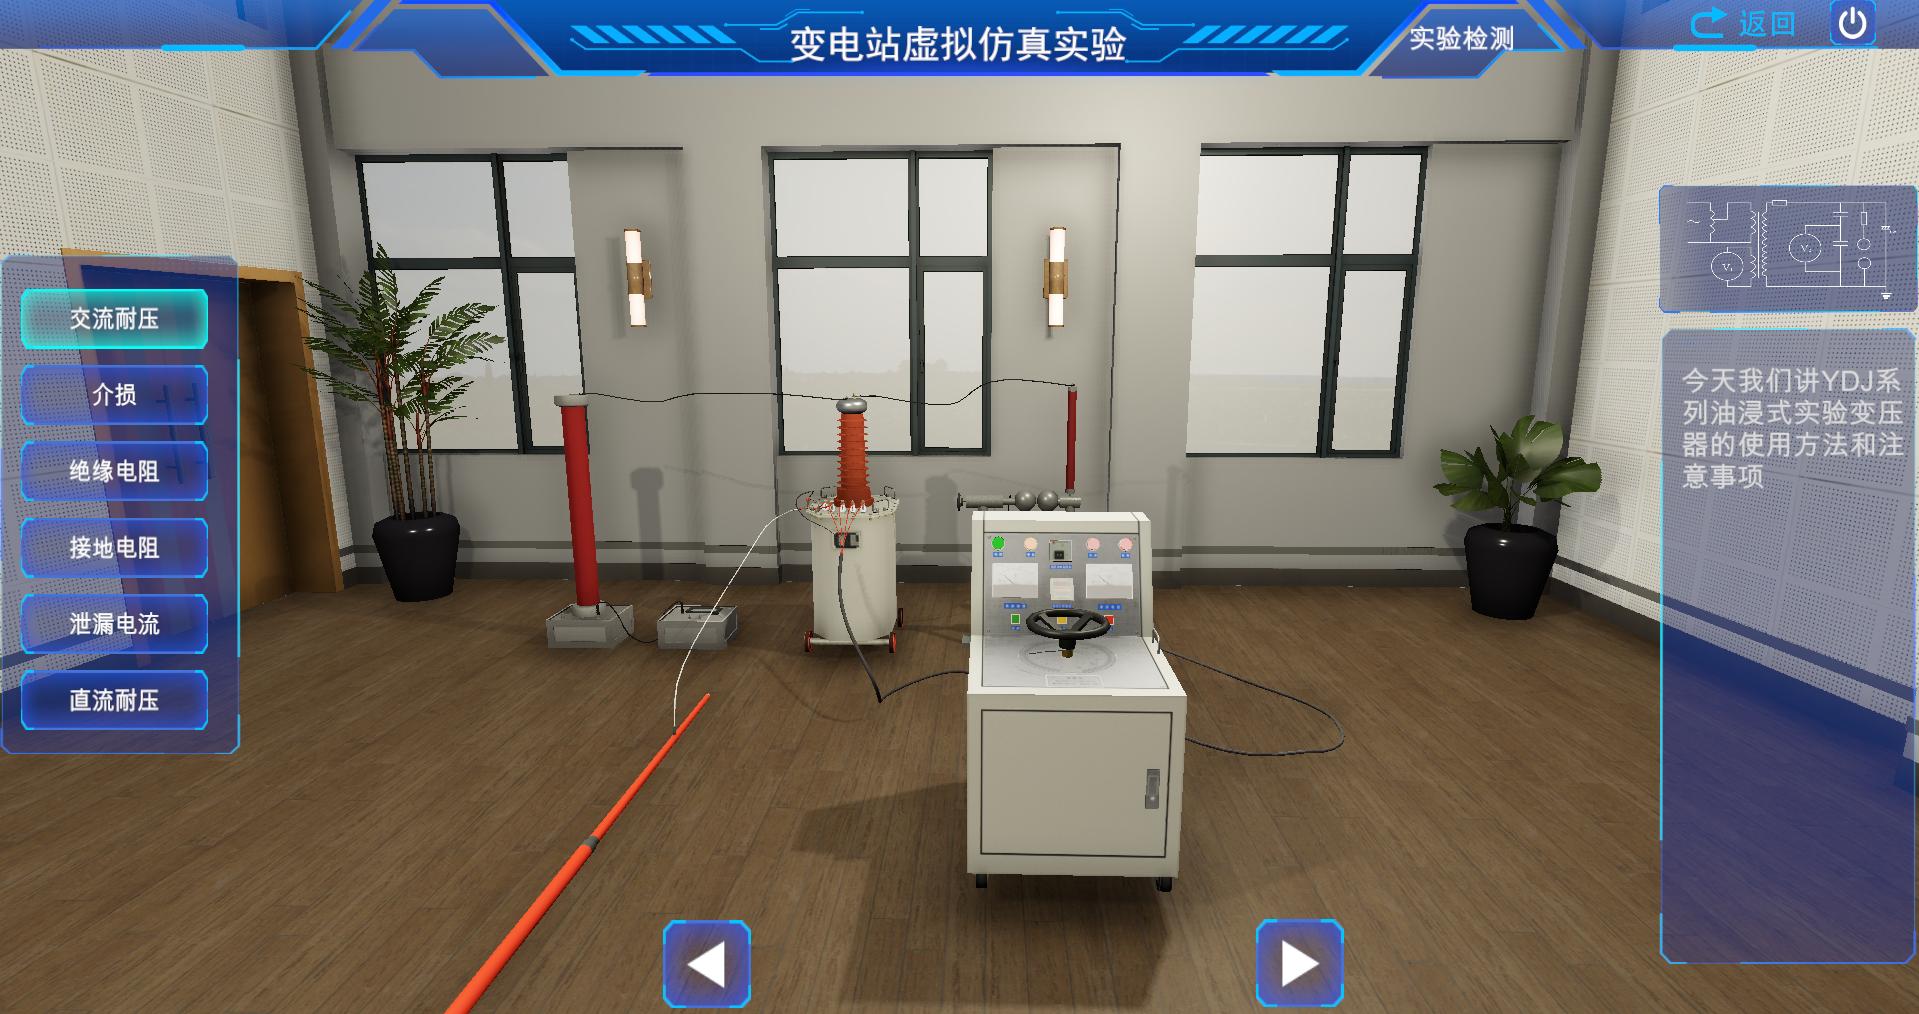 变电站虚拟仿真实训软件5.png